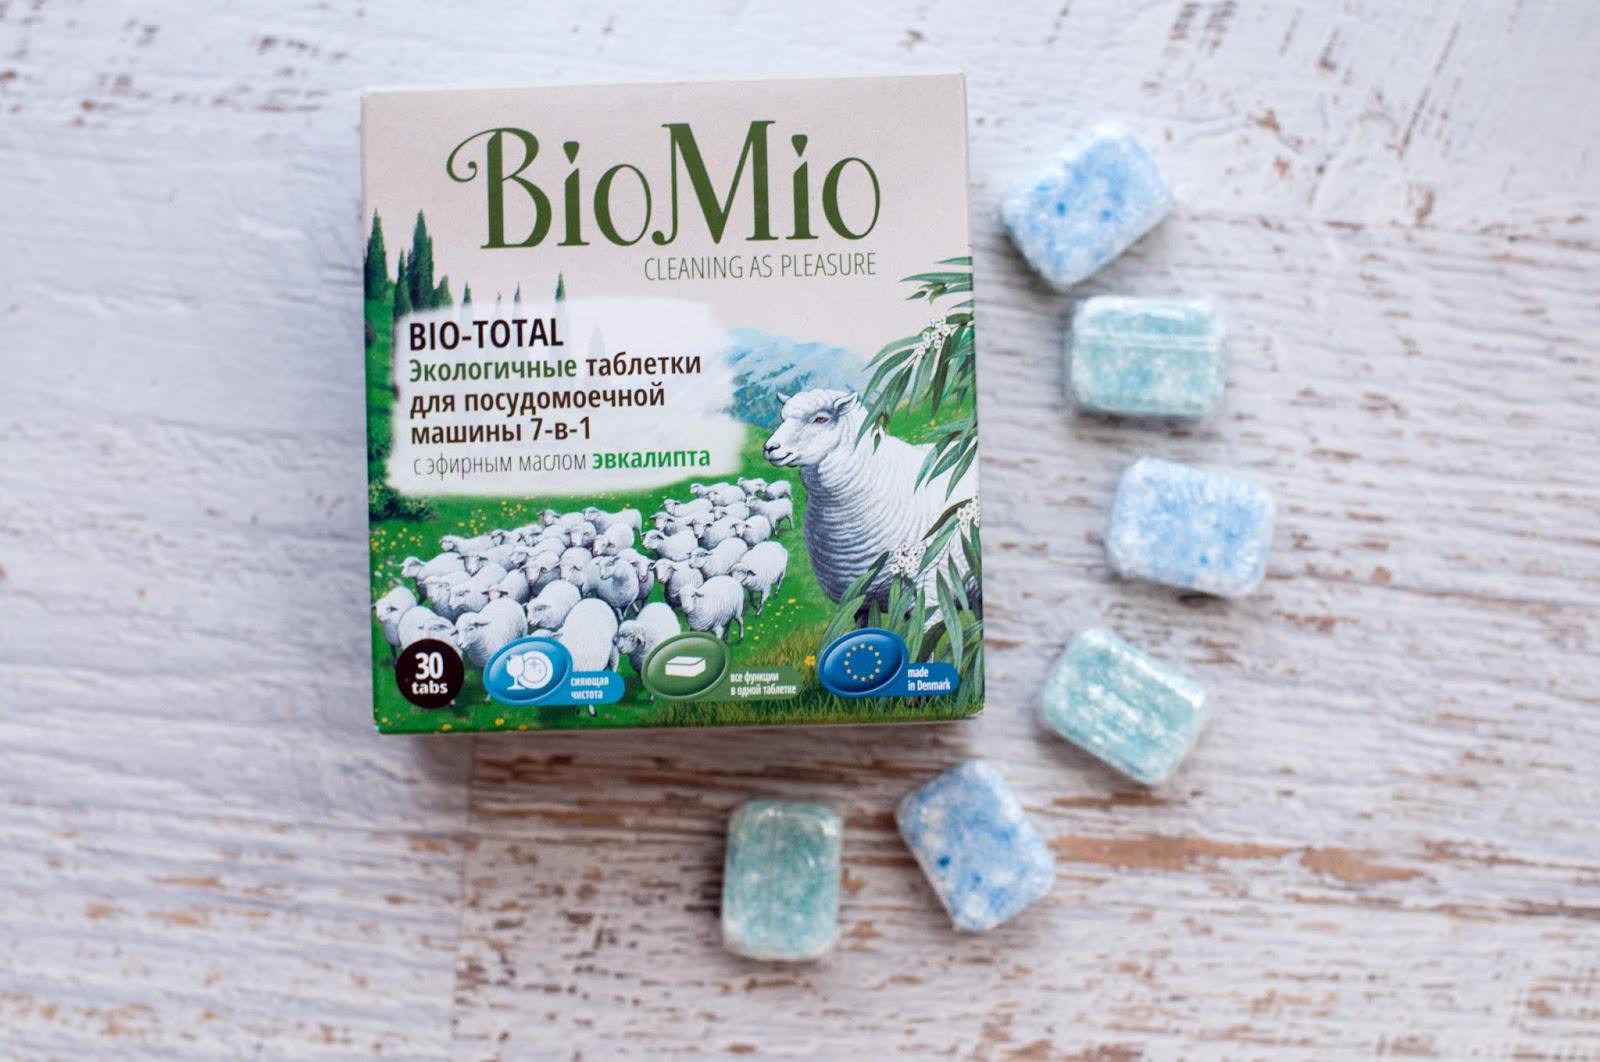 Biomio bio total таблетки для посудомойки — отзывы